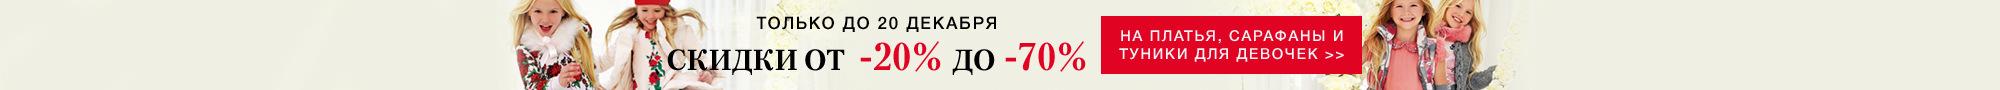 Скидки от 20% до 70% на Платья для девочек